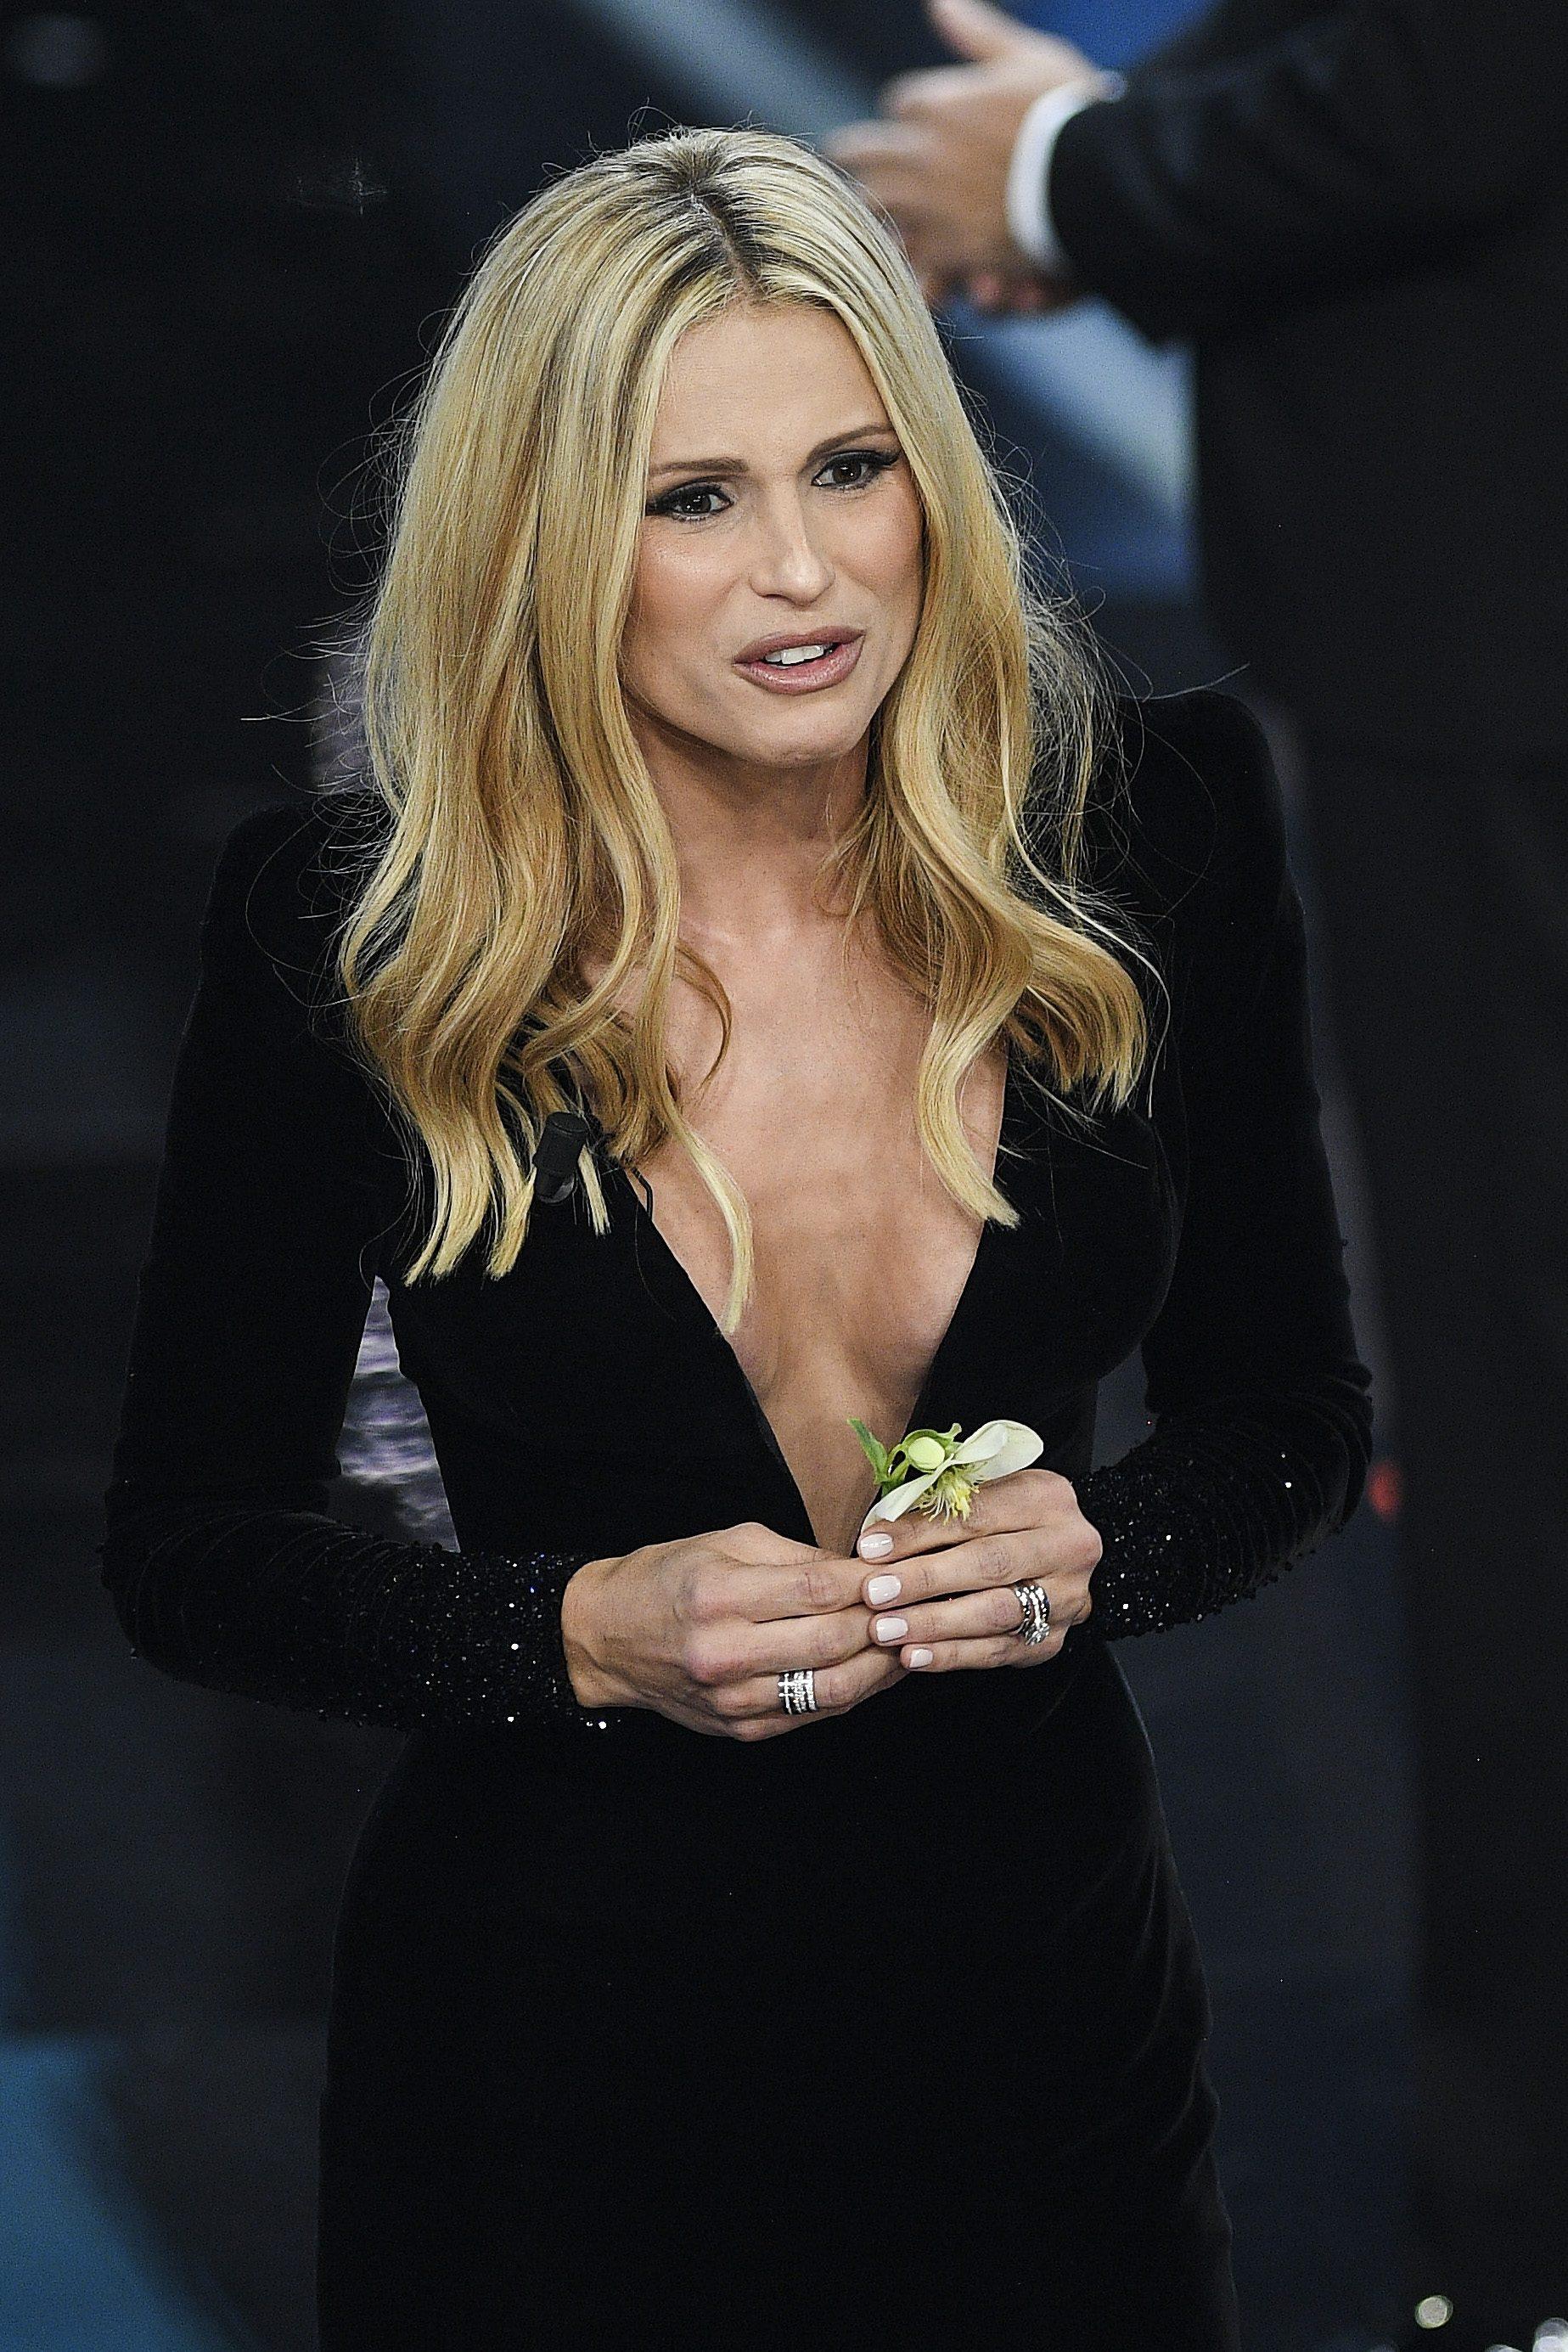 Il seno perfetto di Michelle Hunziker: è rifatto o naturale?